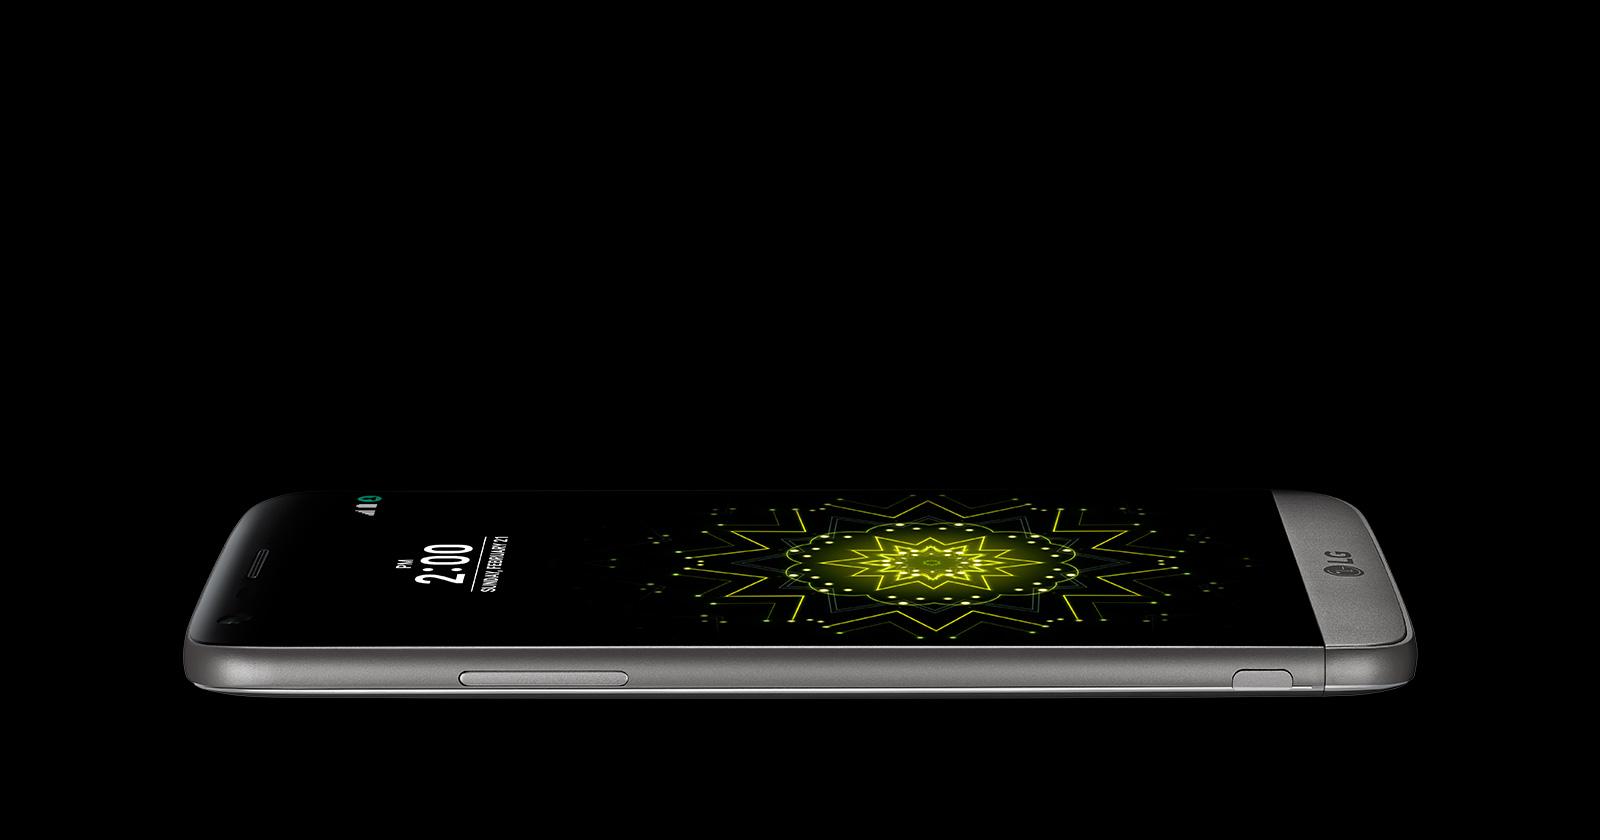 LG G5 review- G5 has a sleek design